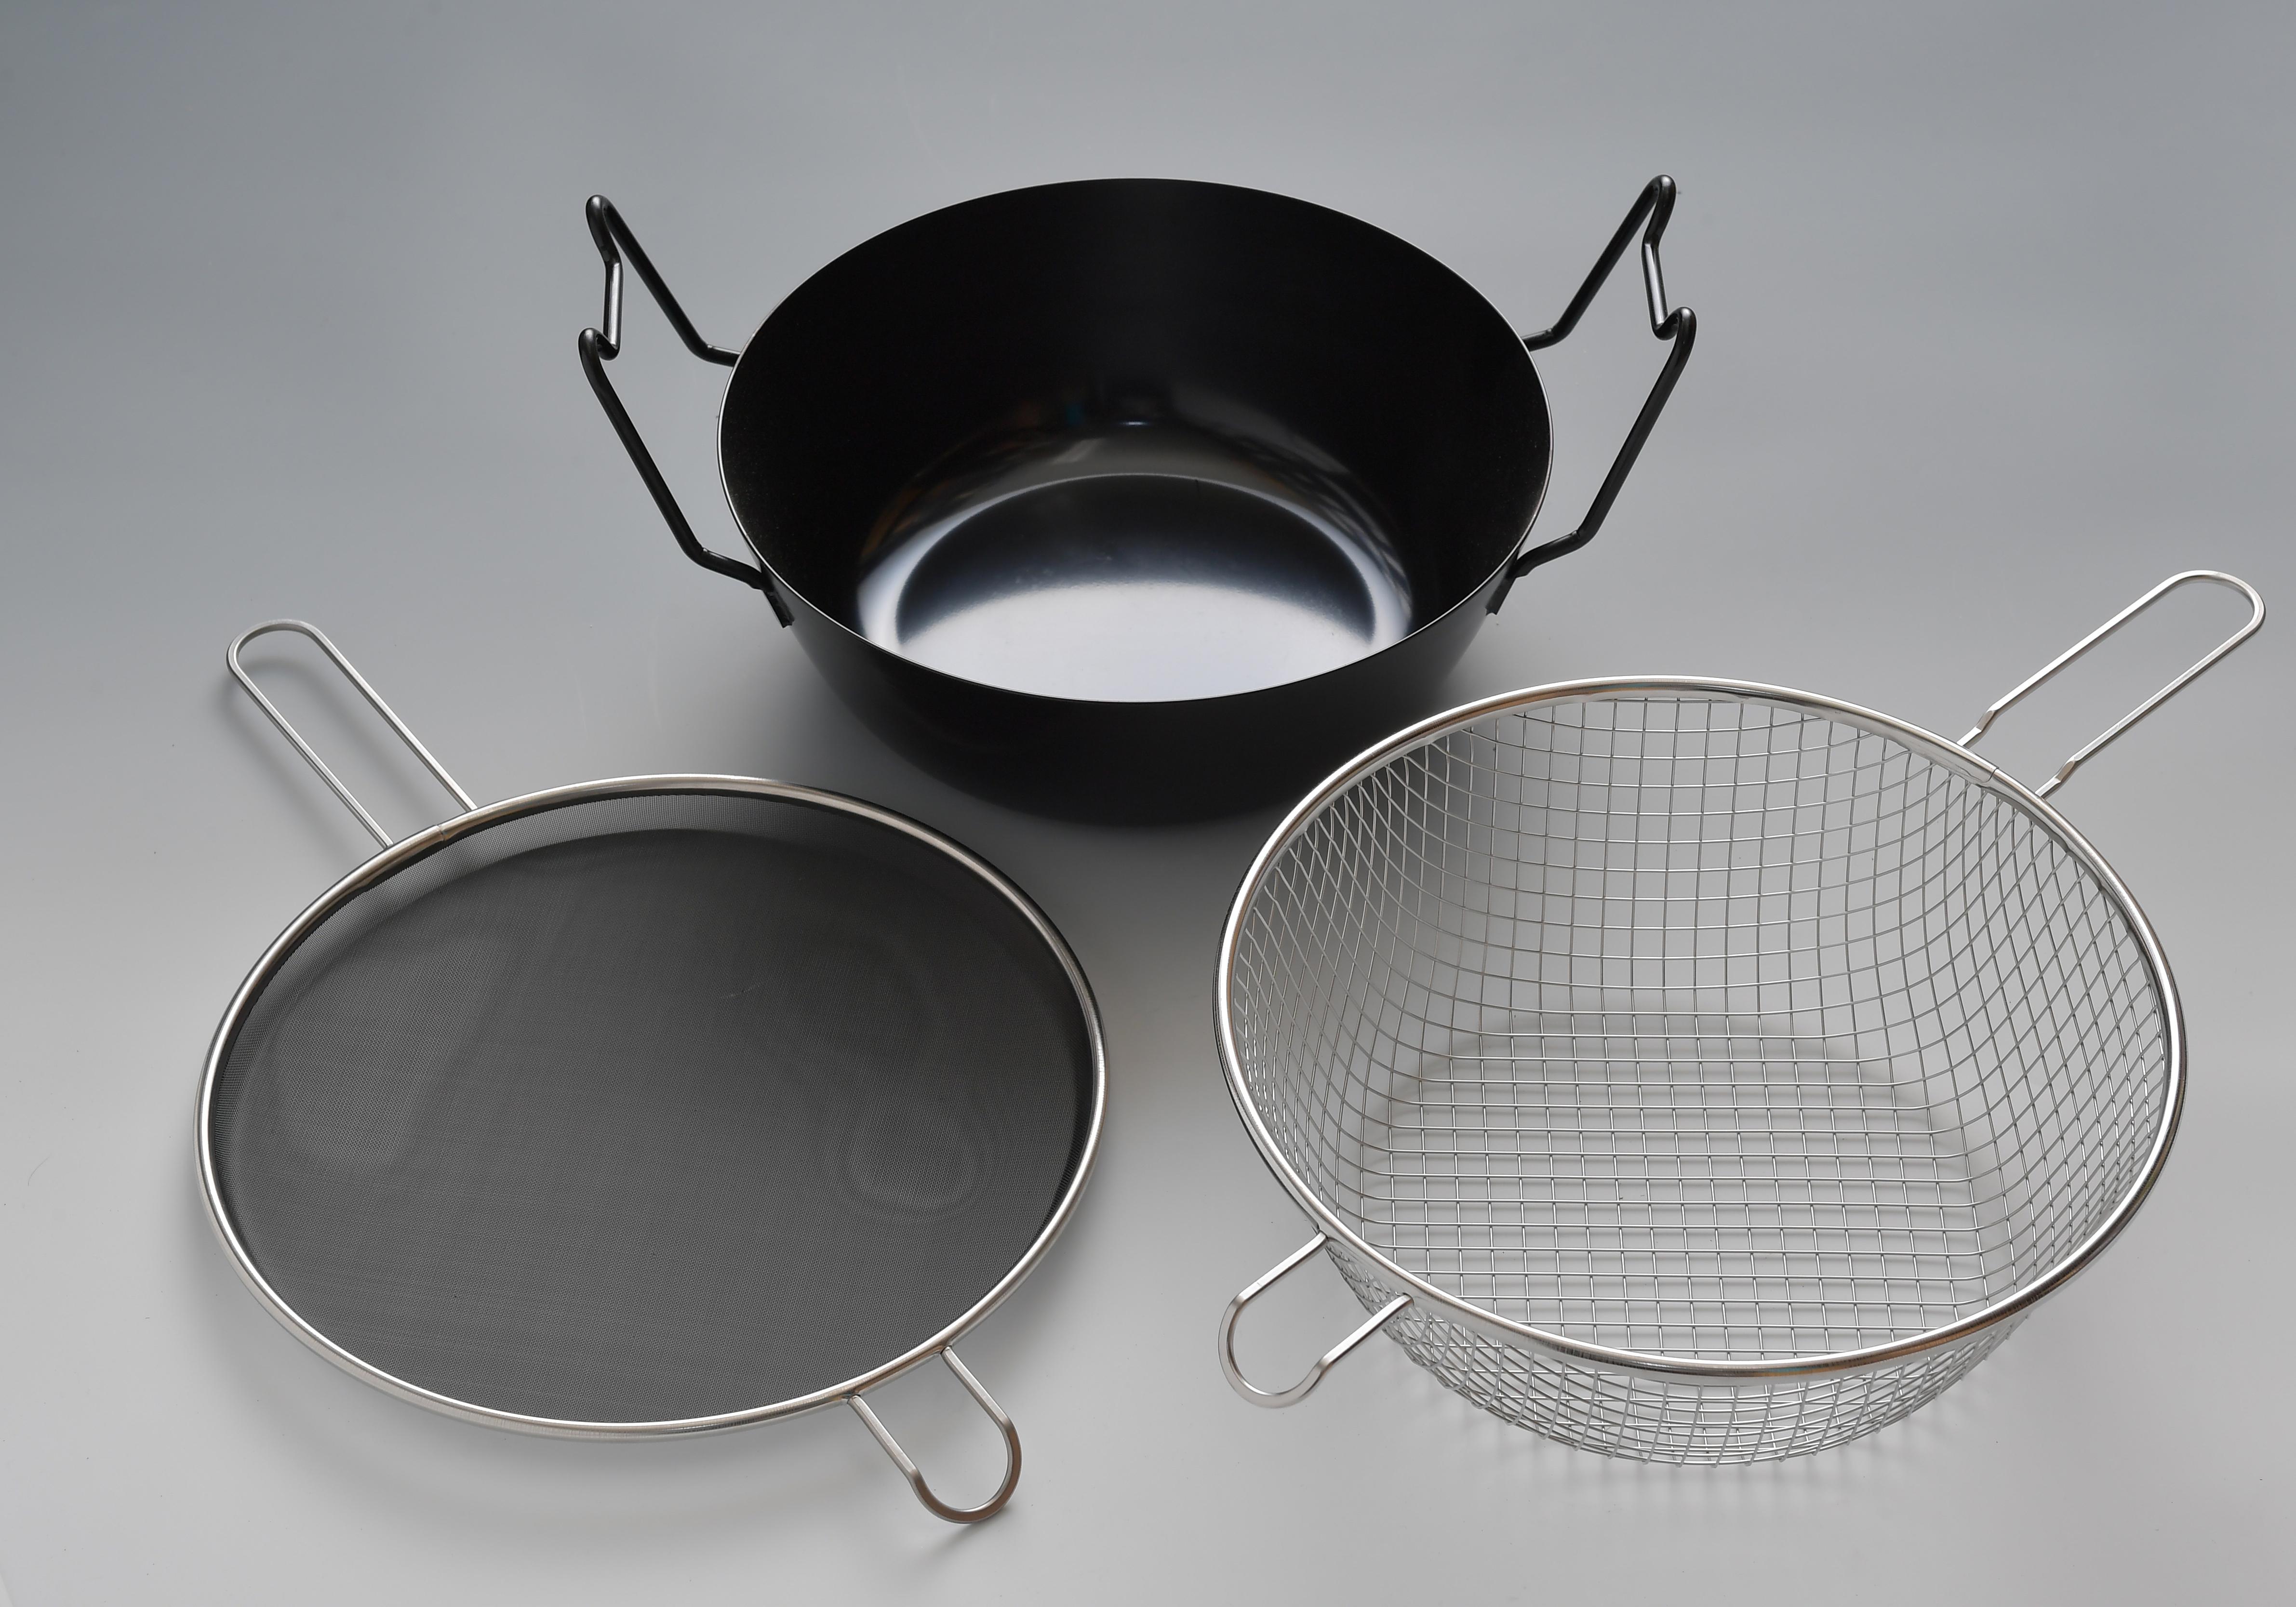 ラバーゼ 鉄揚げ鍋セット 22cm